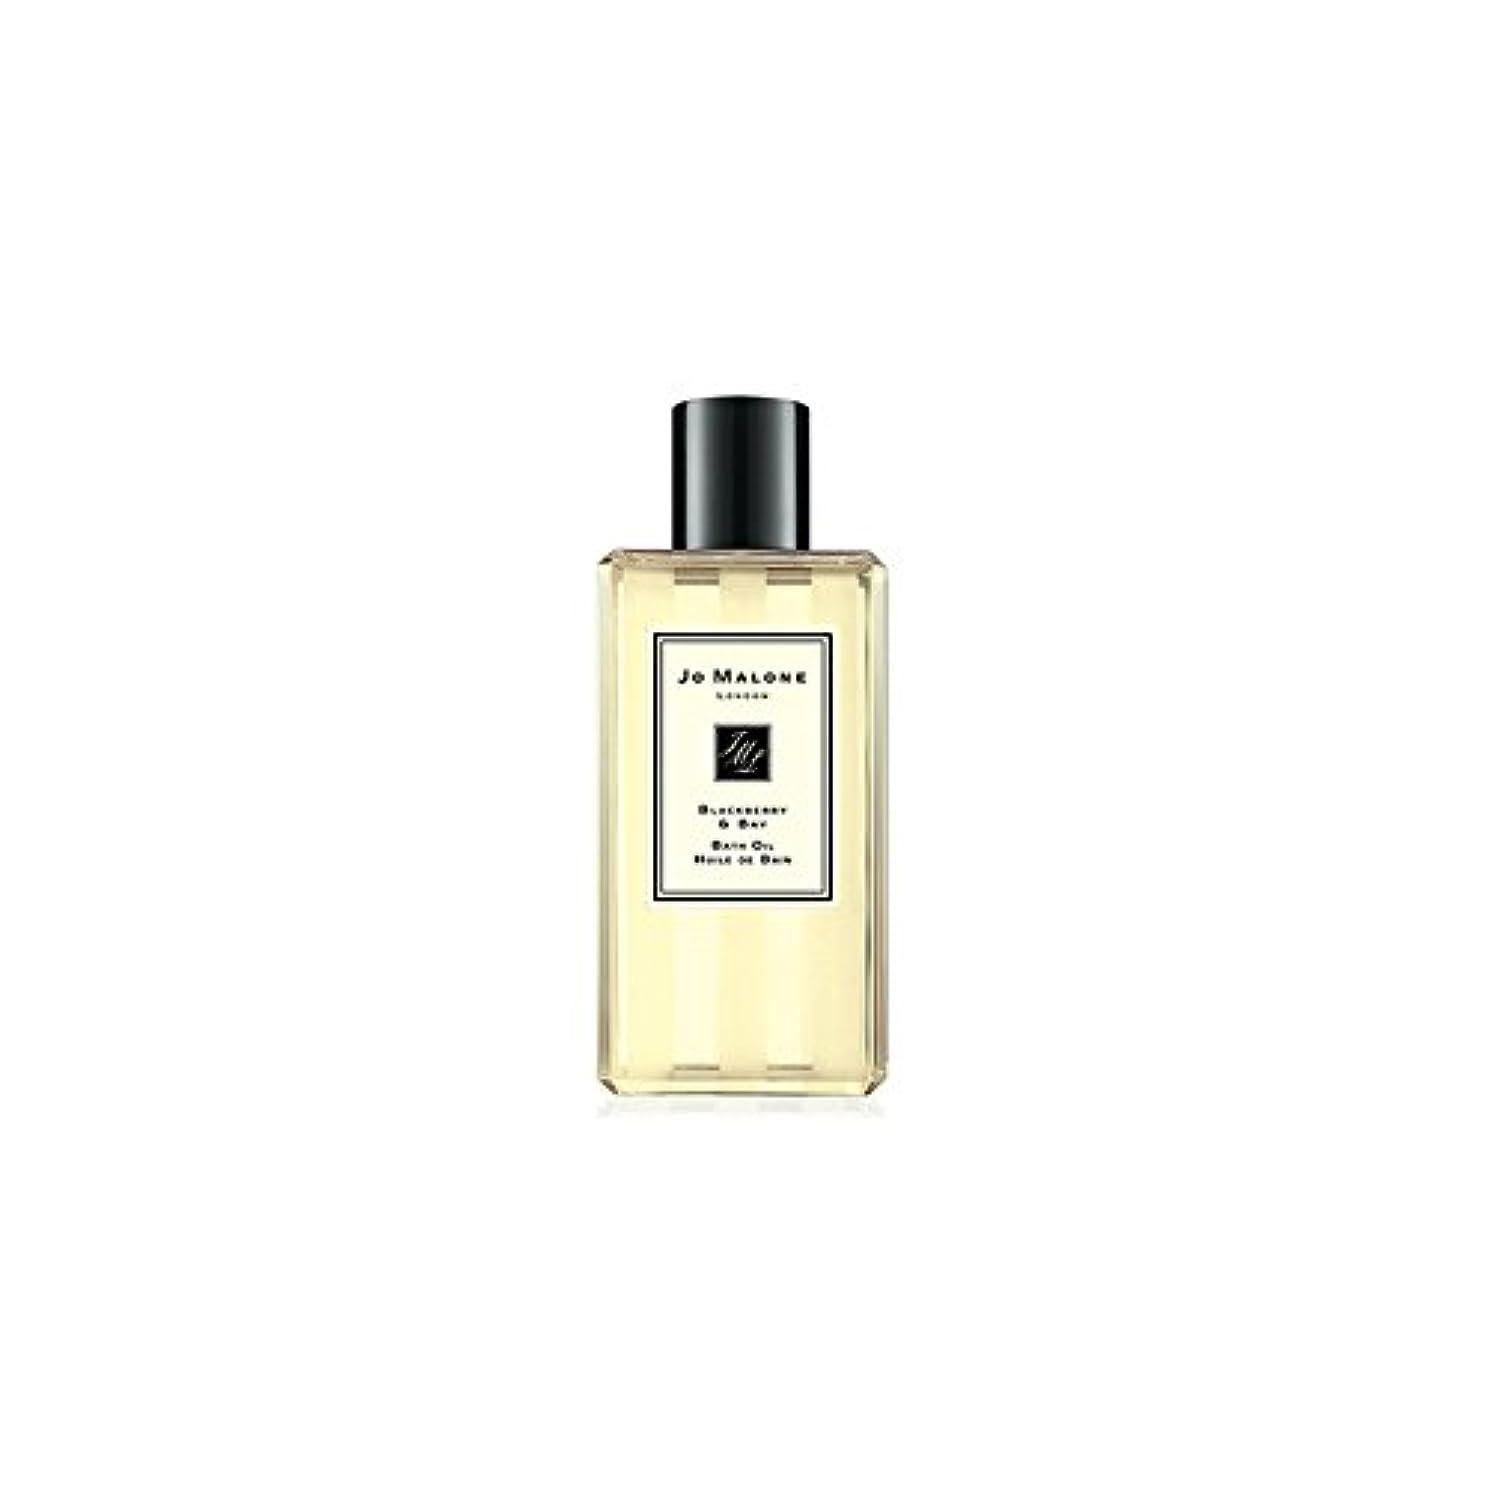 入口雑草鈍いJo Malone Blackberry & Bay Bath Oil - 250ml (Pack of 2) - ジョーマローンブラックベリー&ベイバスオイル - 250ミリリットル (x2) [並行輸入品]